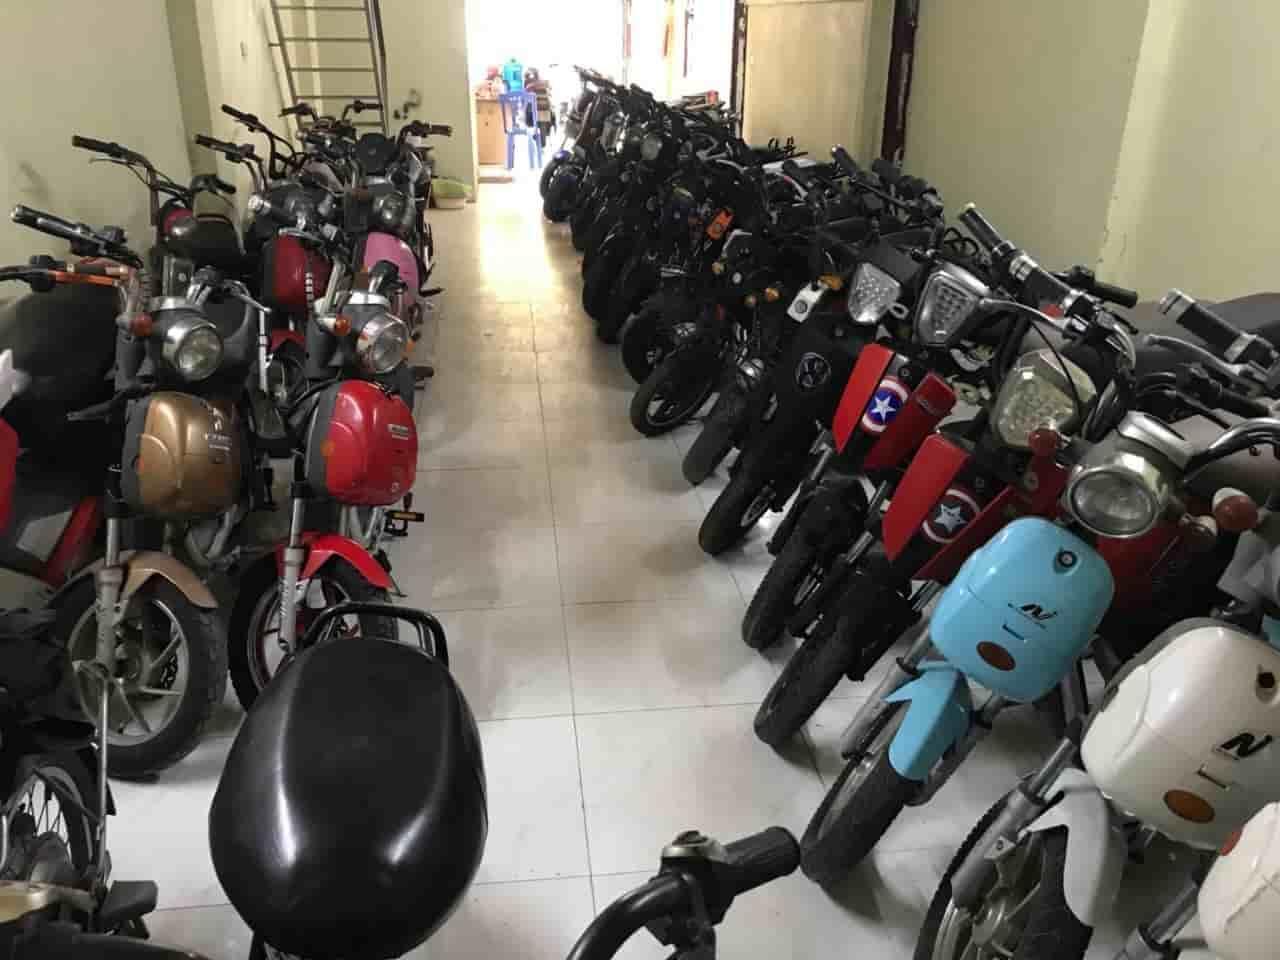 xe đạp điện cũ tại Tỉnh Tuyên Quang